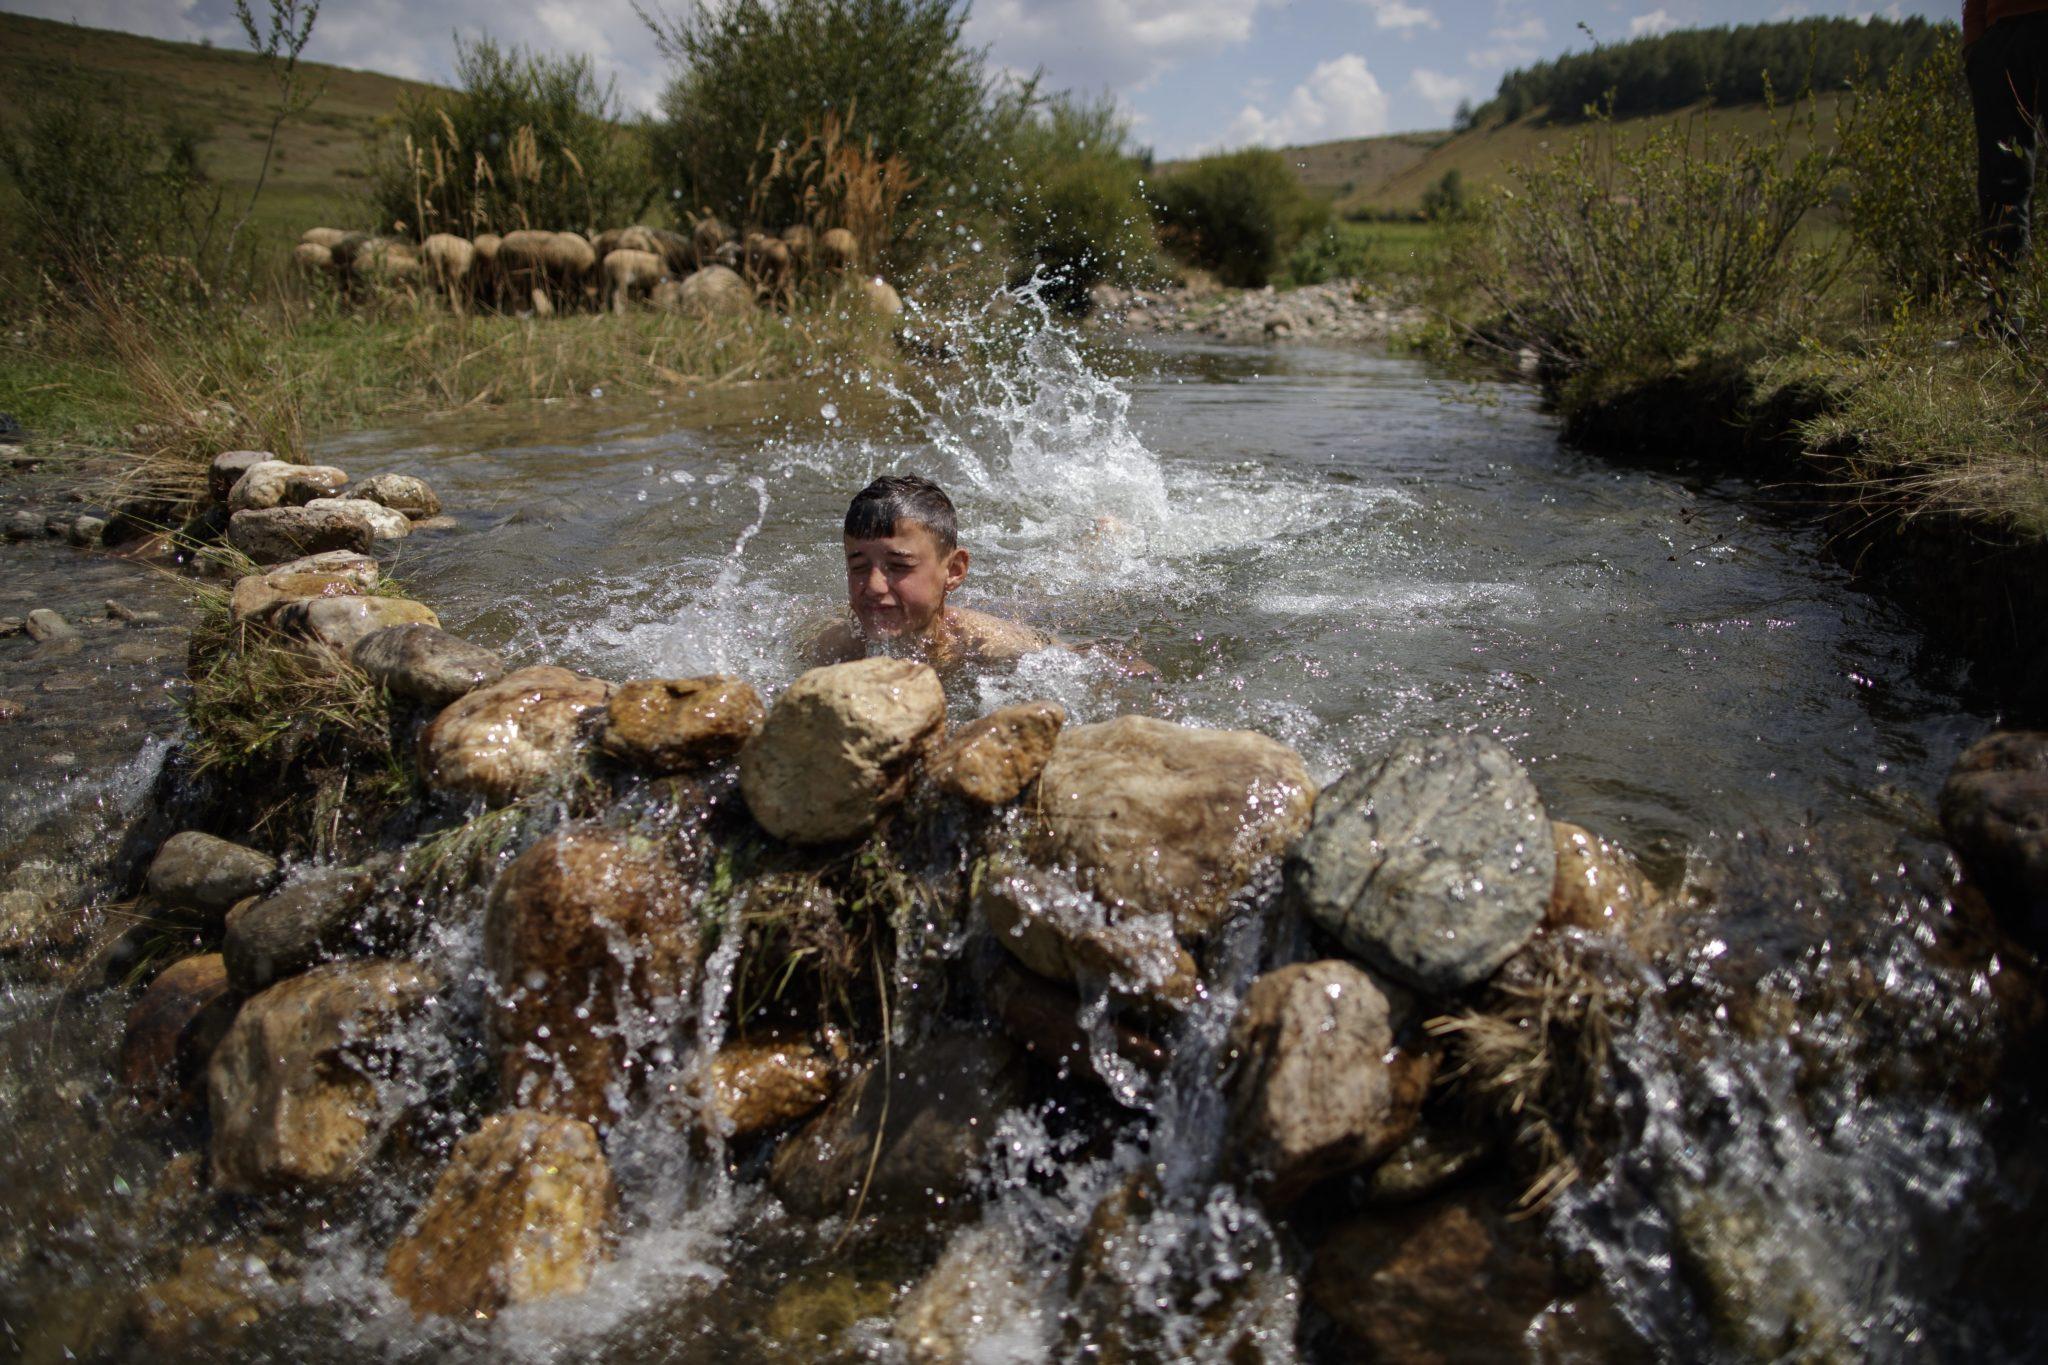 Albaniański chłopiec odświeża się w spiętrzonej części małej wioski w wiosce w Albanii, fot. Valdrin Xhemaj, PAP/EPA